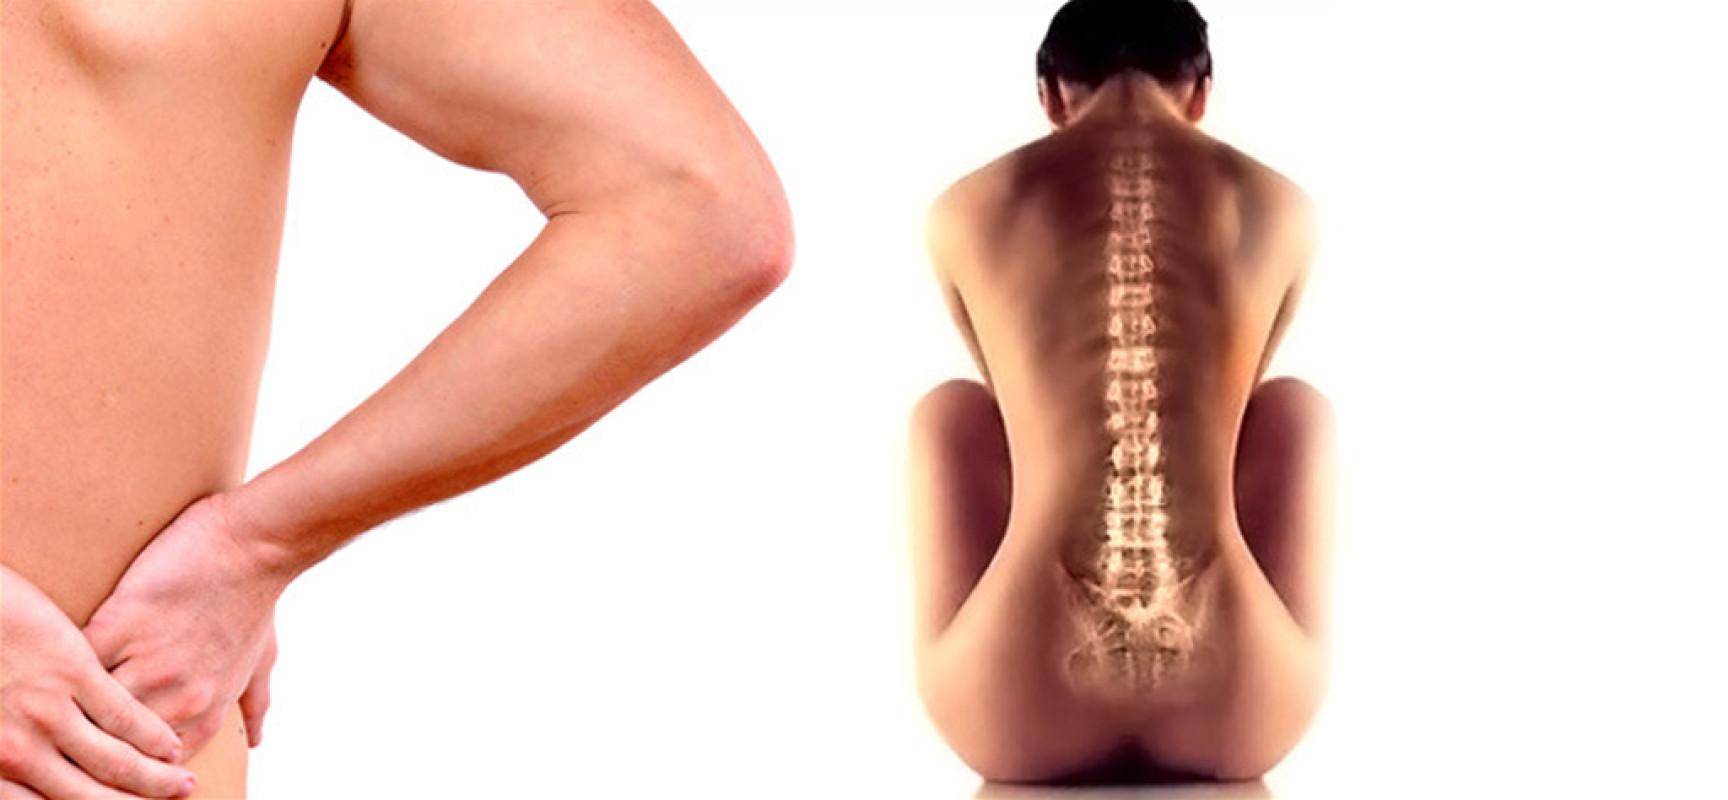 Сдавливание нервов между позвонками происходит вследствие разных факторов: Постоянный перенос тяжестей, Занятие спортом на профессиональном уровне, Плохое состояние костей и т.д.